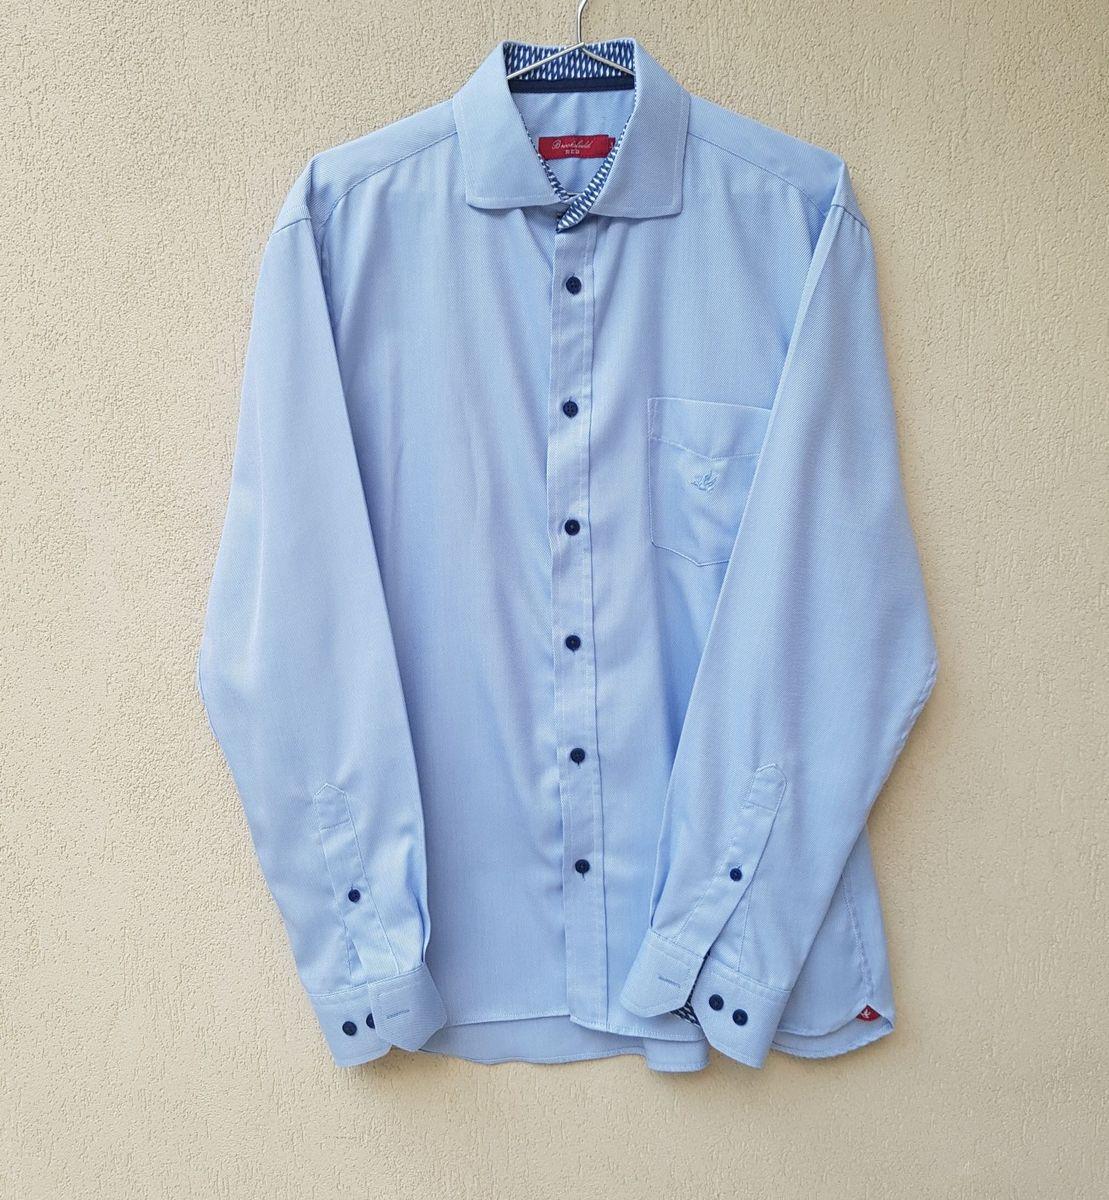 camisa brooksfield azul - camisas brooksfield